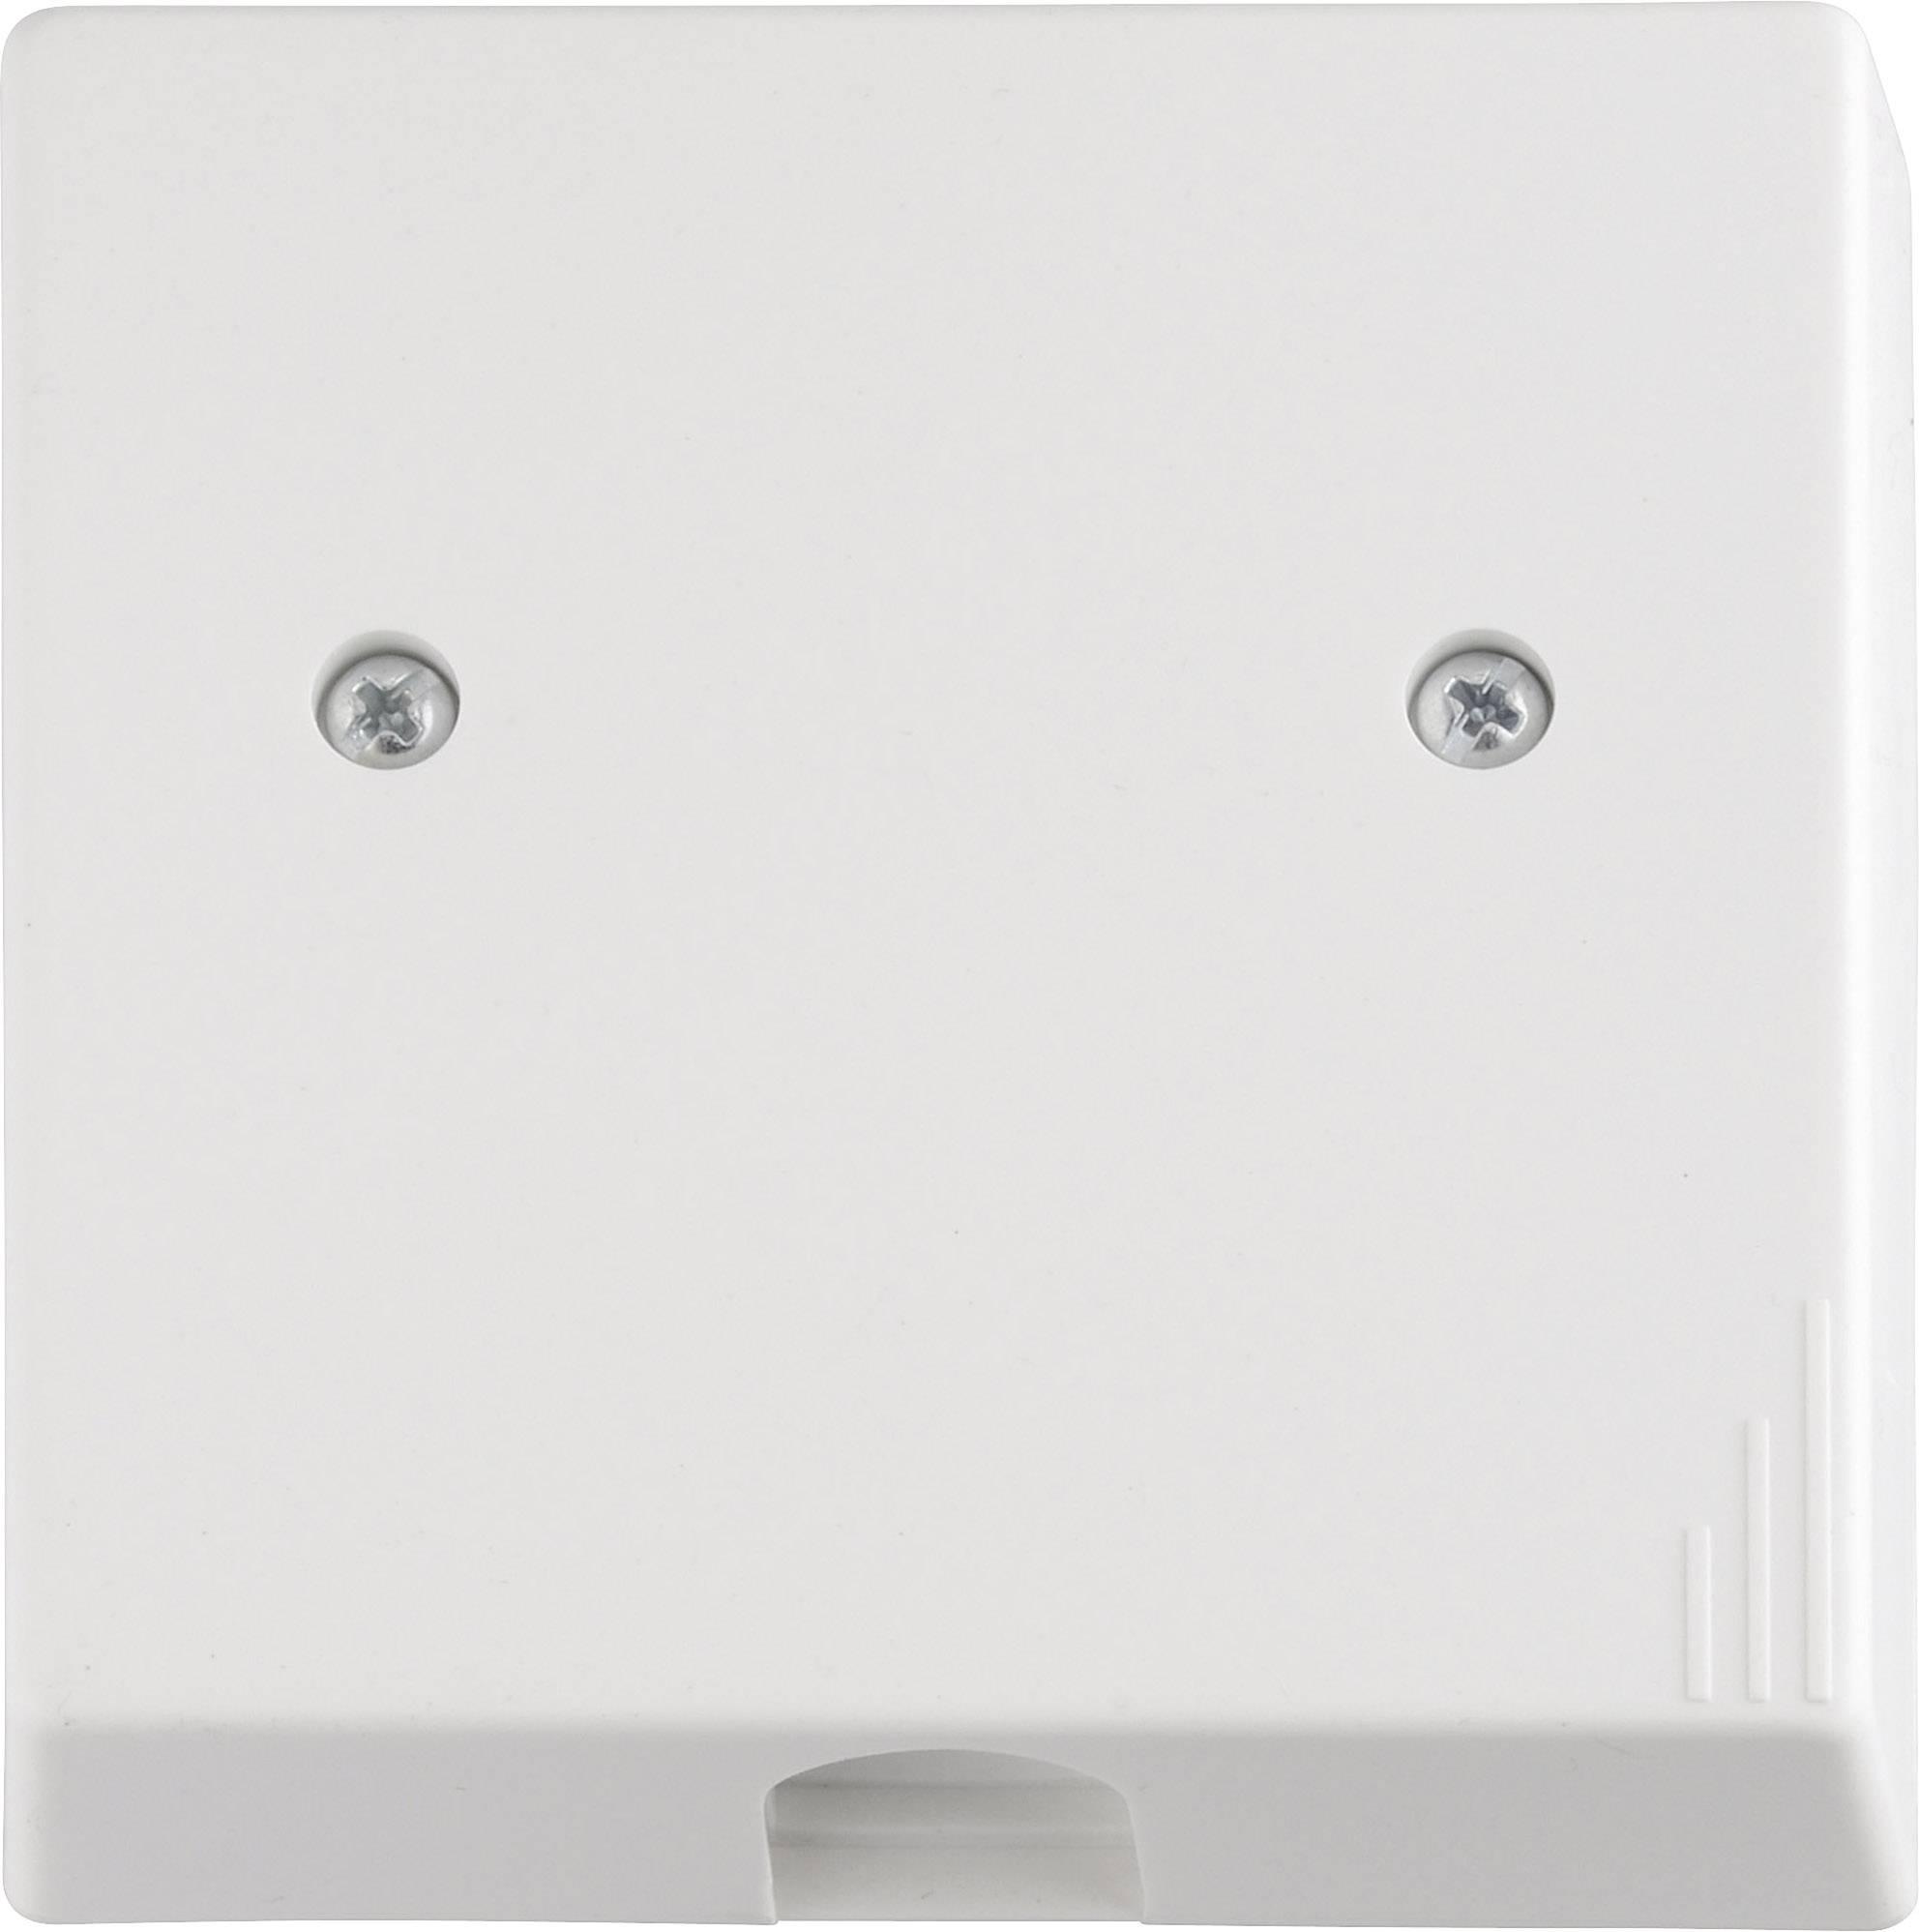 Instalačná krabička na pripojenie sporáku 100183, na omietku, pod omietku, alpská biela